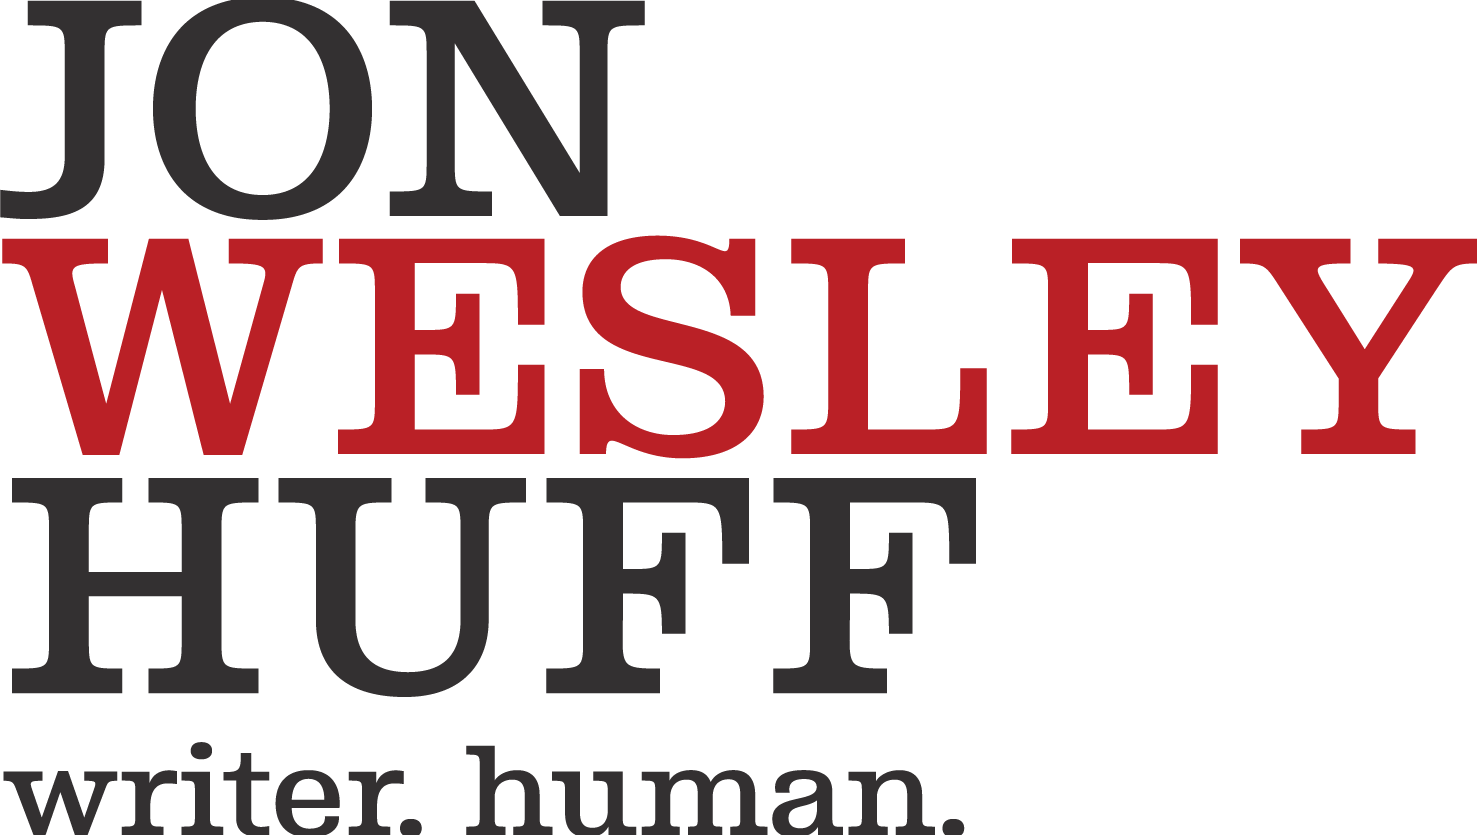 Jon Wesley Huff